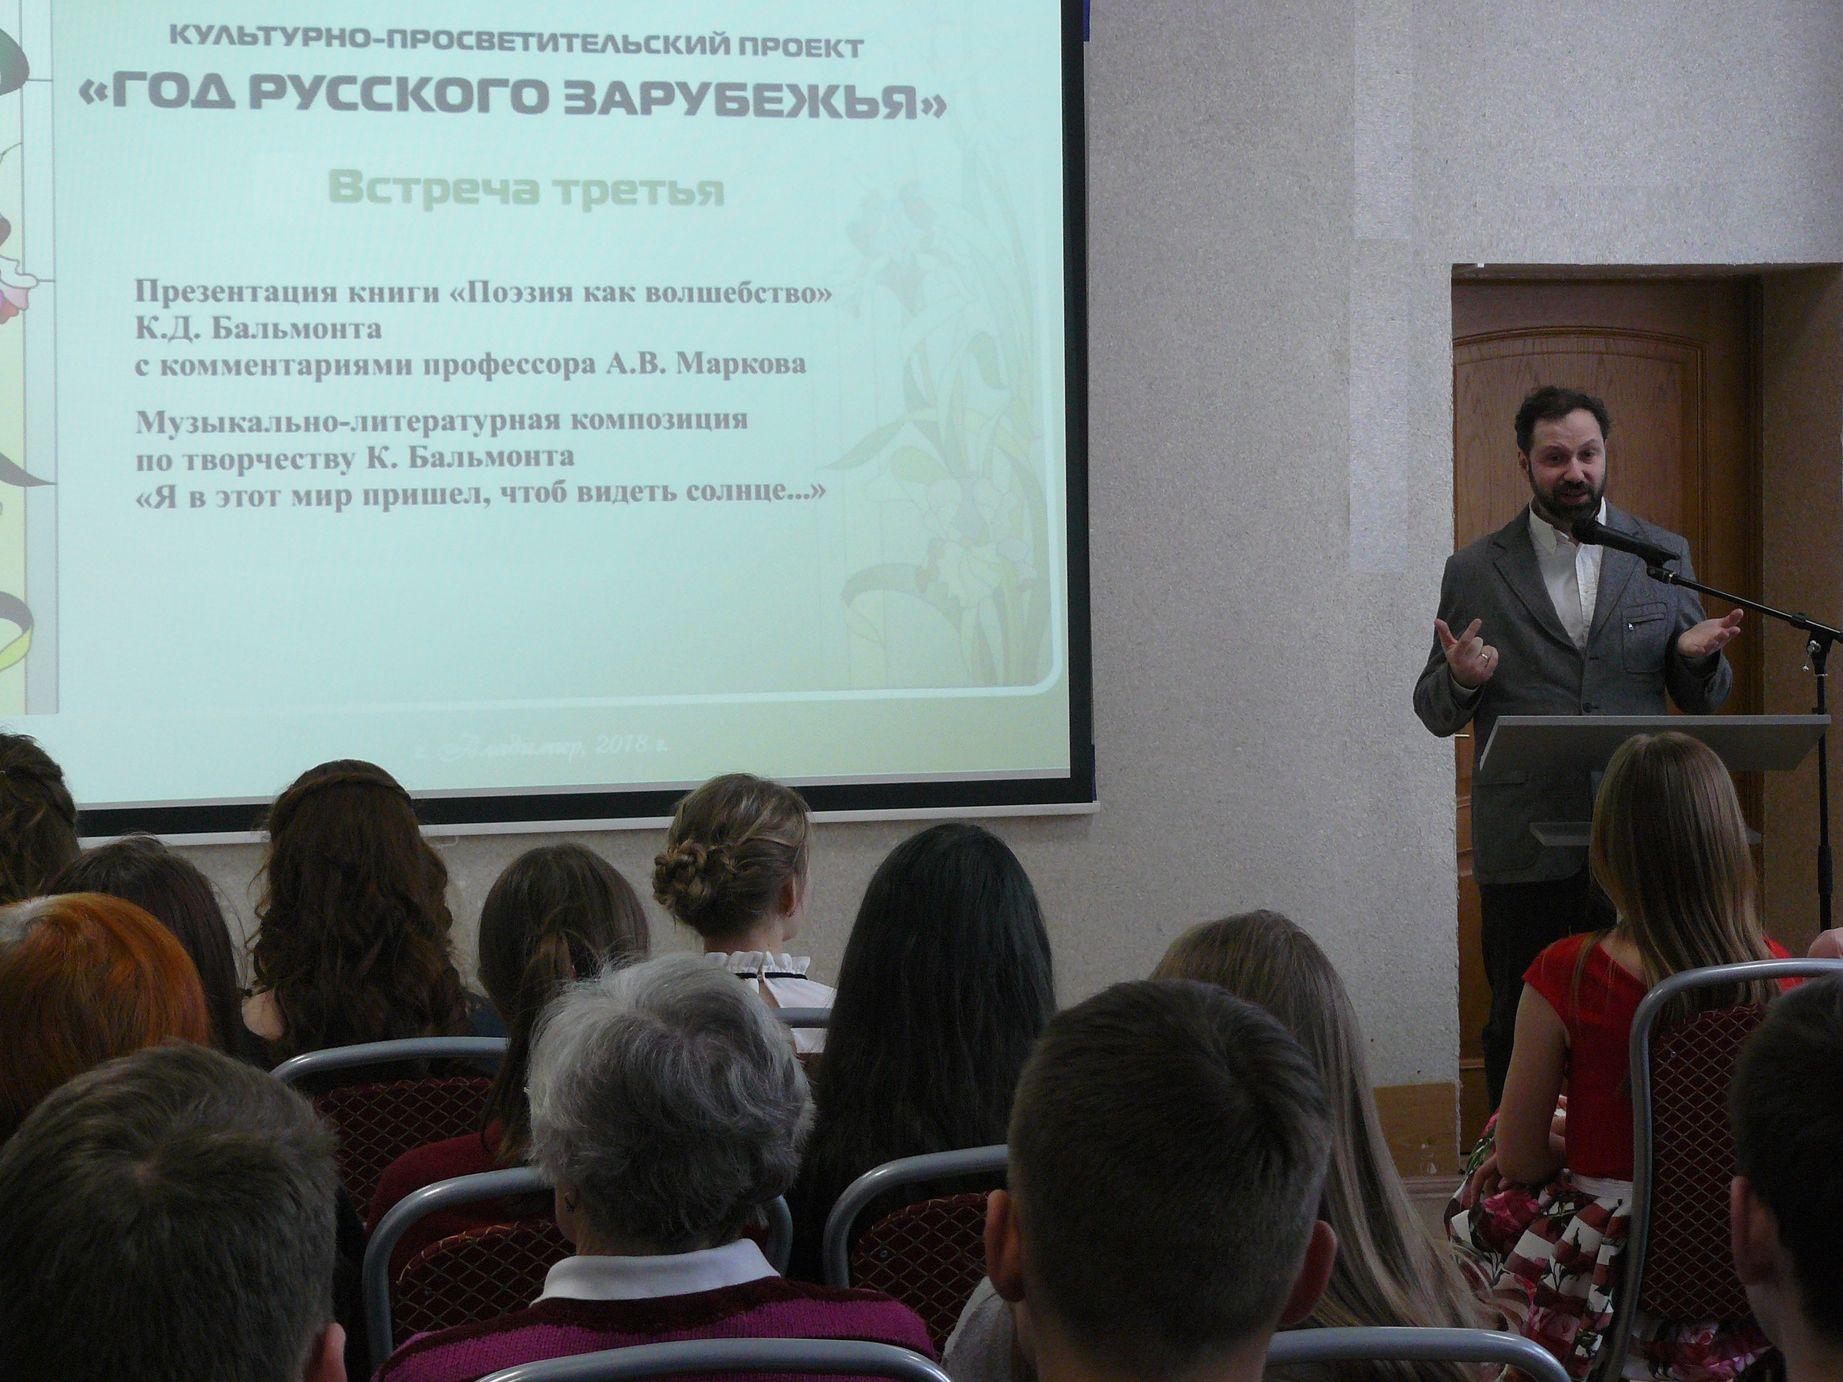 Professor Markov vystupaet s lekciej